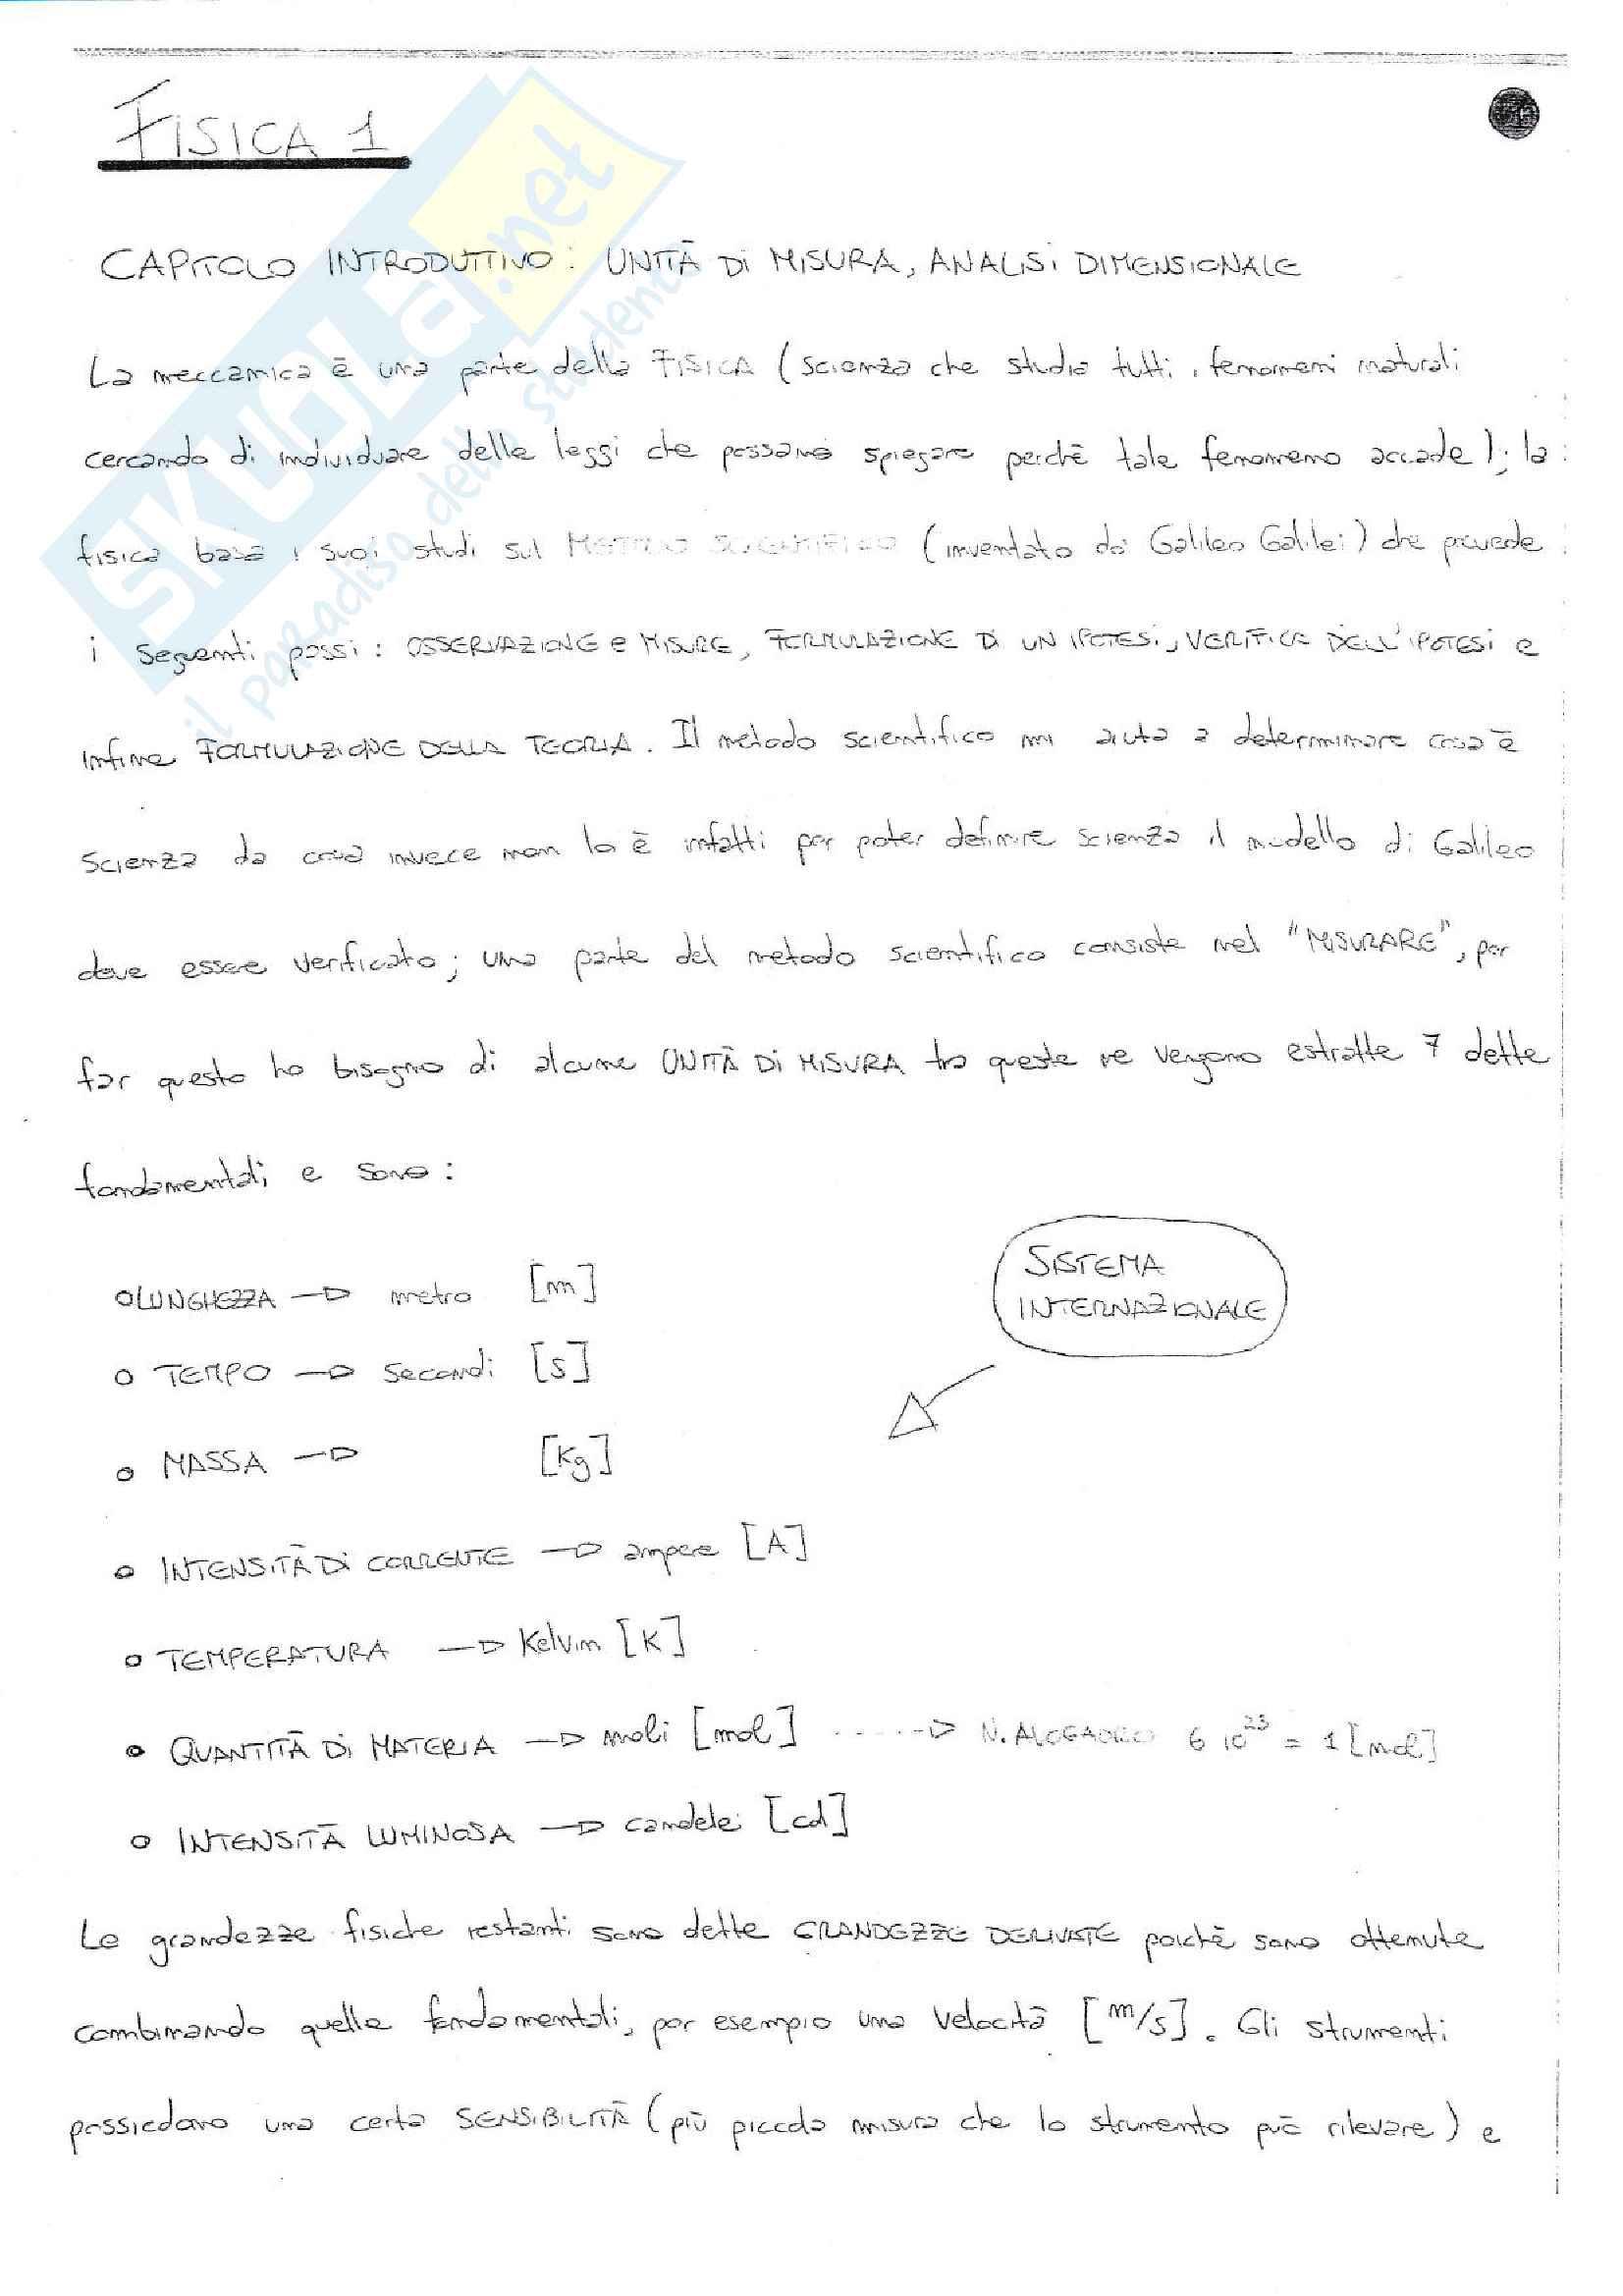 Riassunto e sintesi in schemi esame Fisica 1, prof. Barucca, libri consigliati: Elementi di Fisica - Meccanica - Termodinamica, Mazzoldi - Nigro - Voci; Fisica 1, Vannini - Gettys; Fisica - Volume 1, Mazzoldi - Nigro - Voci